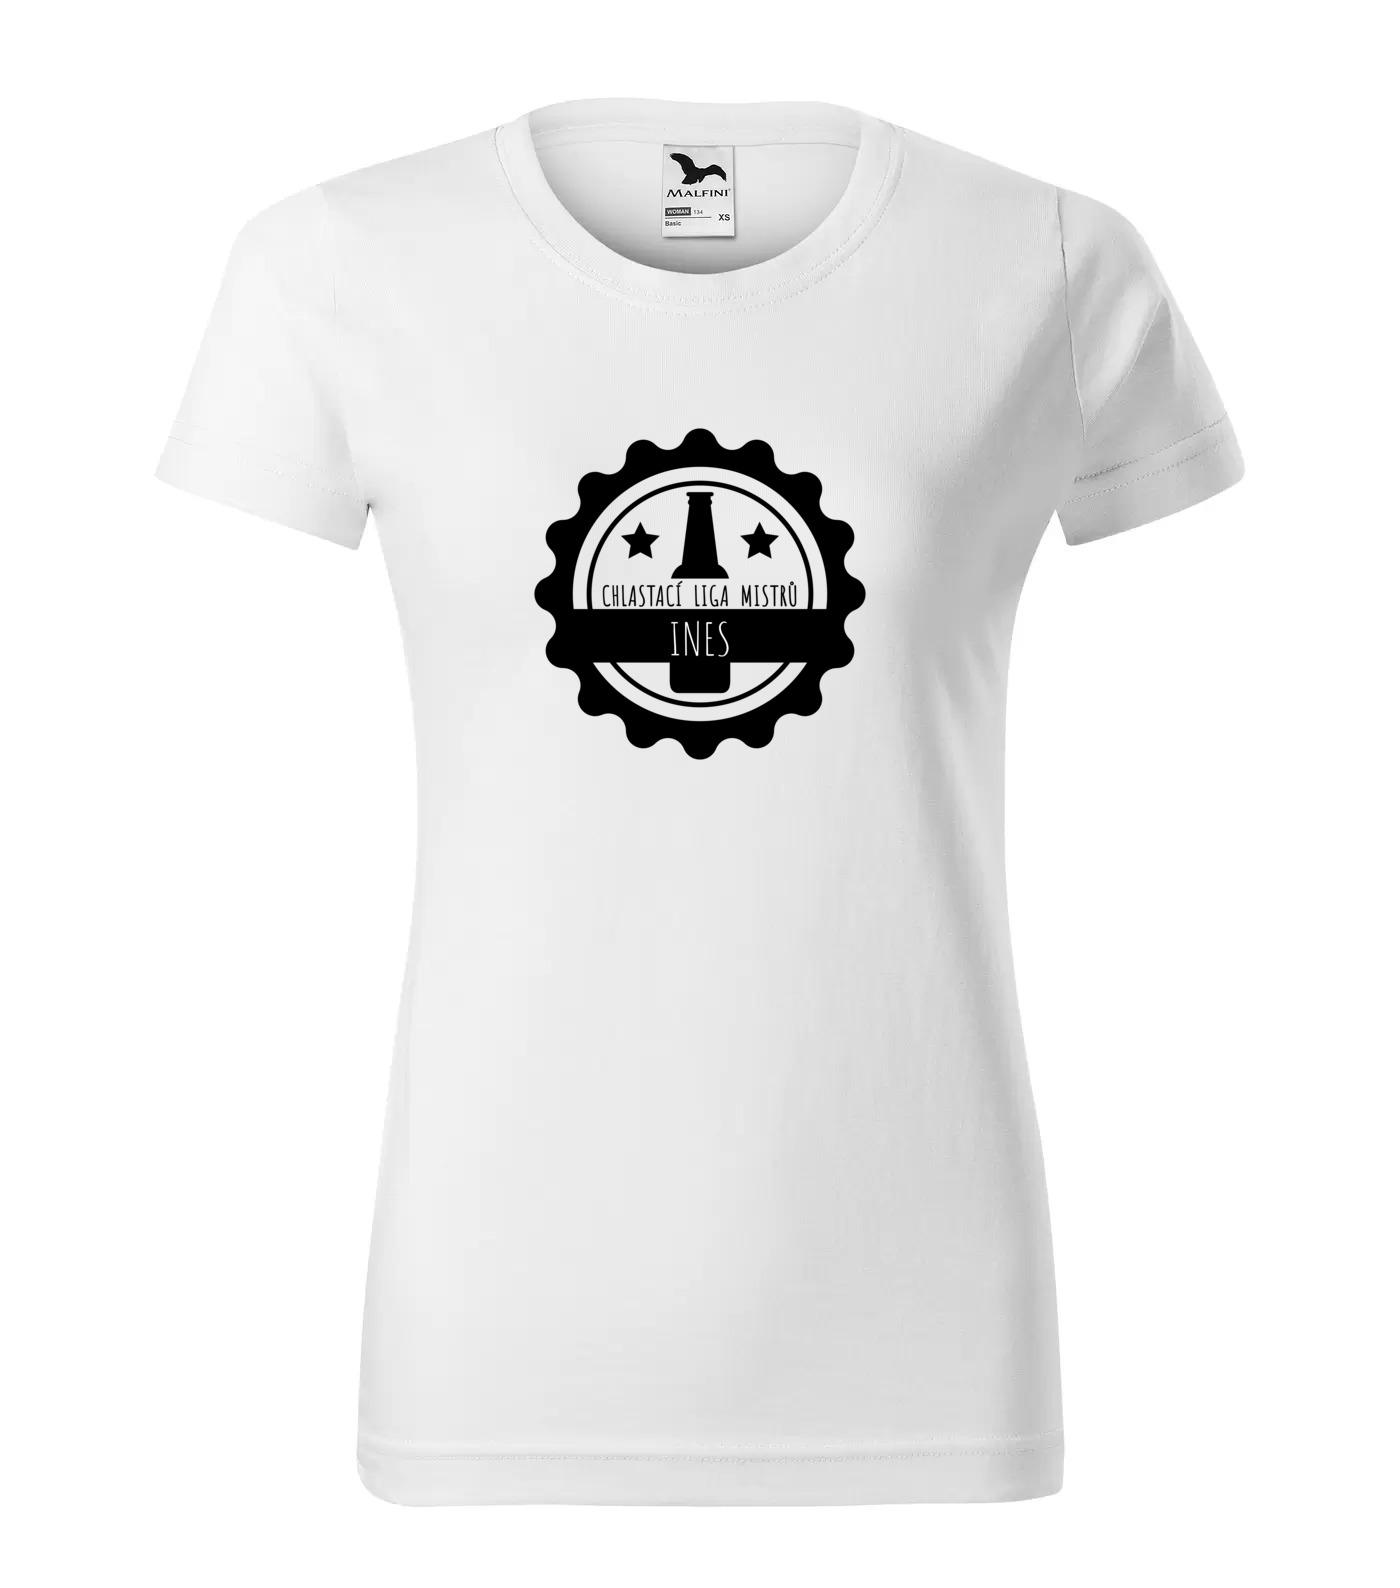 Tričko Chlastací liga žen Ines